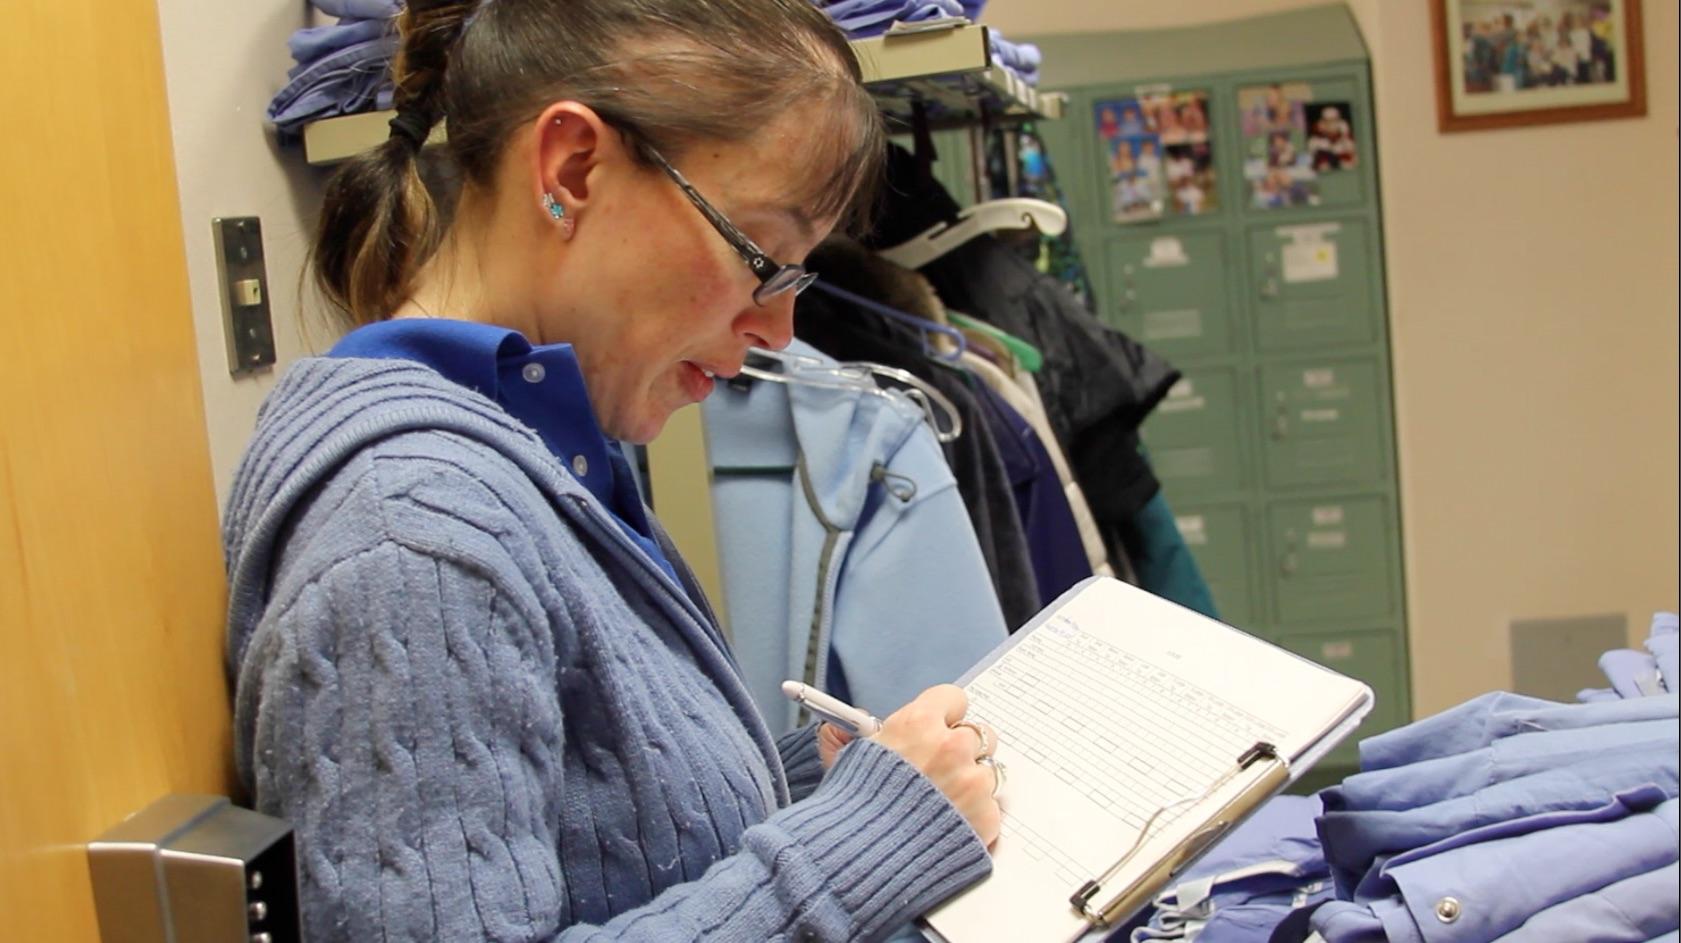 Melissa clipboard.jpg